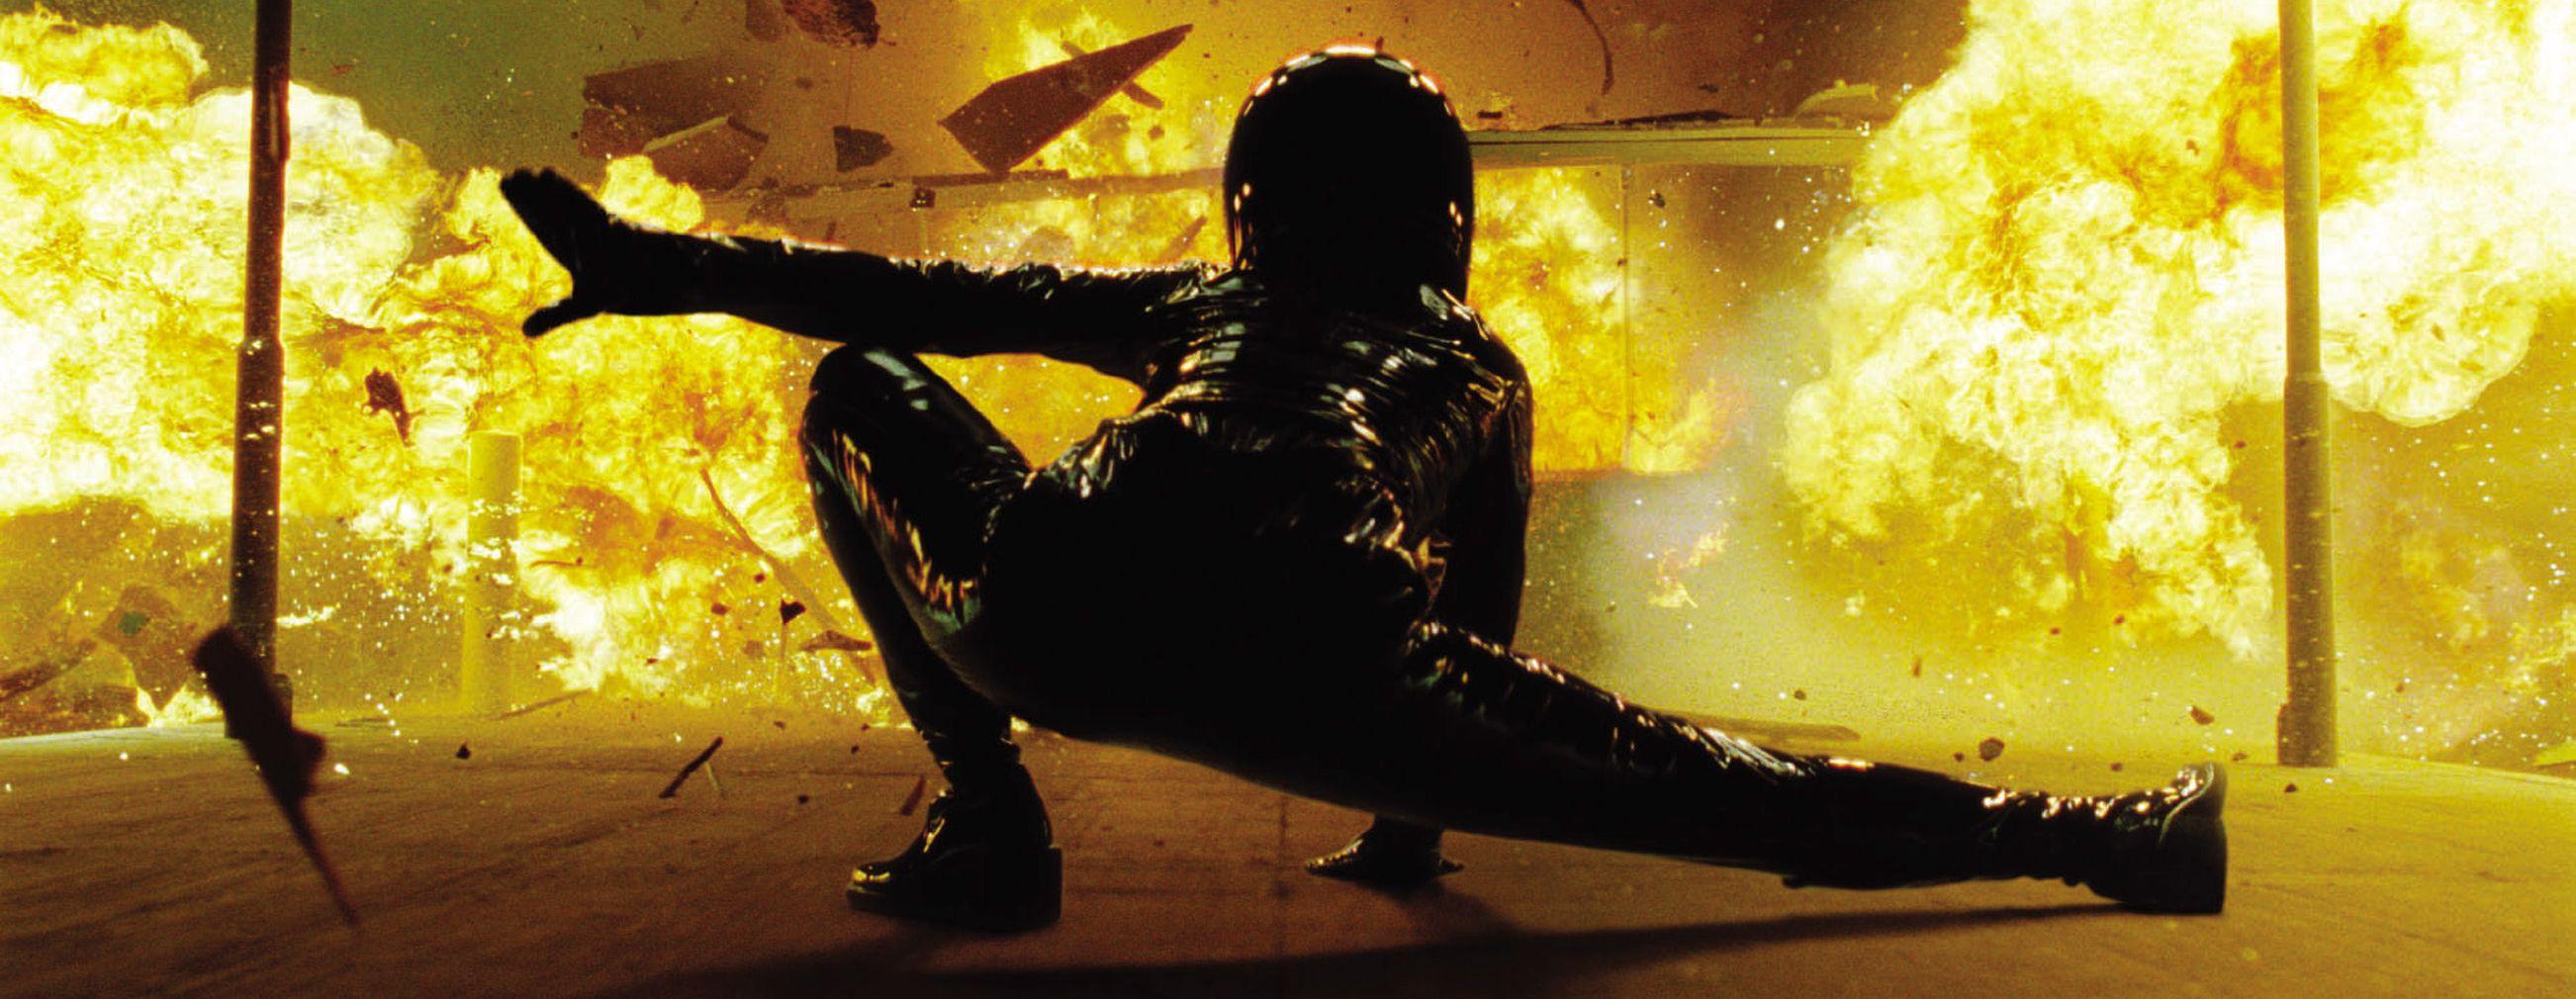 Matrix Reloaded I Film Review Slant Magazine